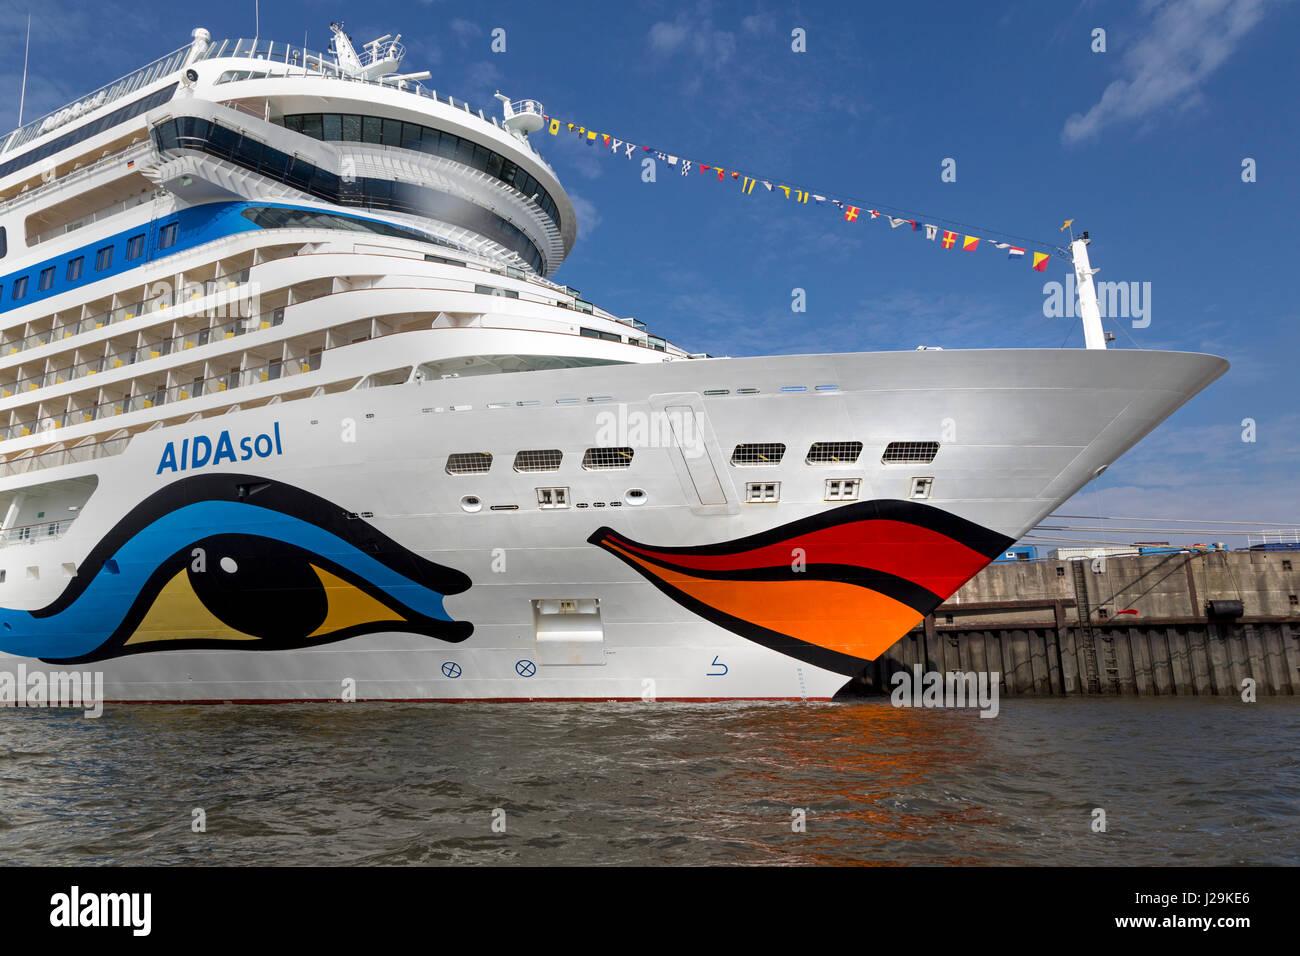 Kreuzfahrtschiff aidasol Auf der Kreuzfahrt Terminal Hamburg Cruise Center, Hamburg, Deutschland, Europa Stockbild